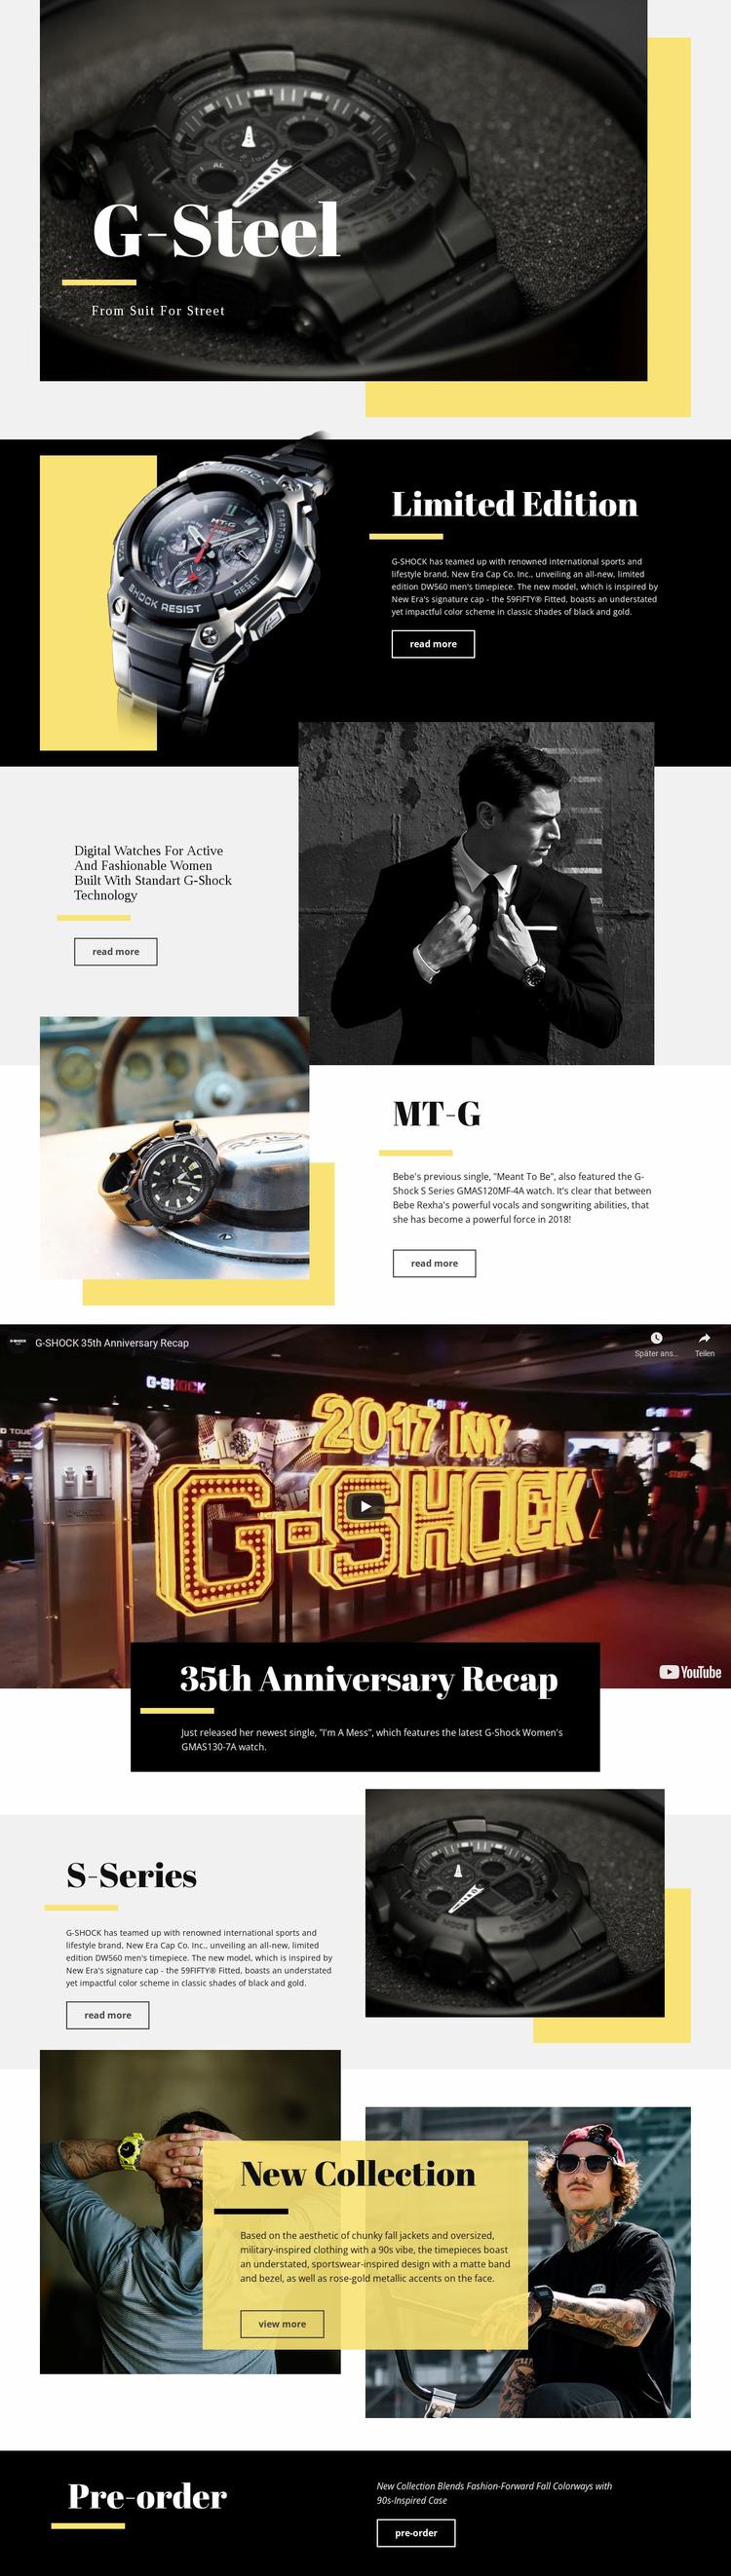 G-Steel WordPress Website Builder